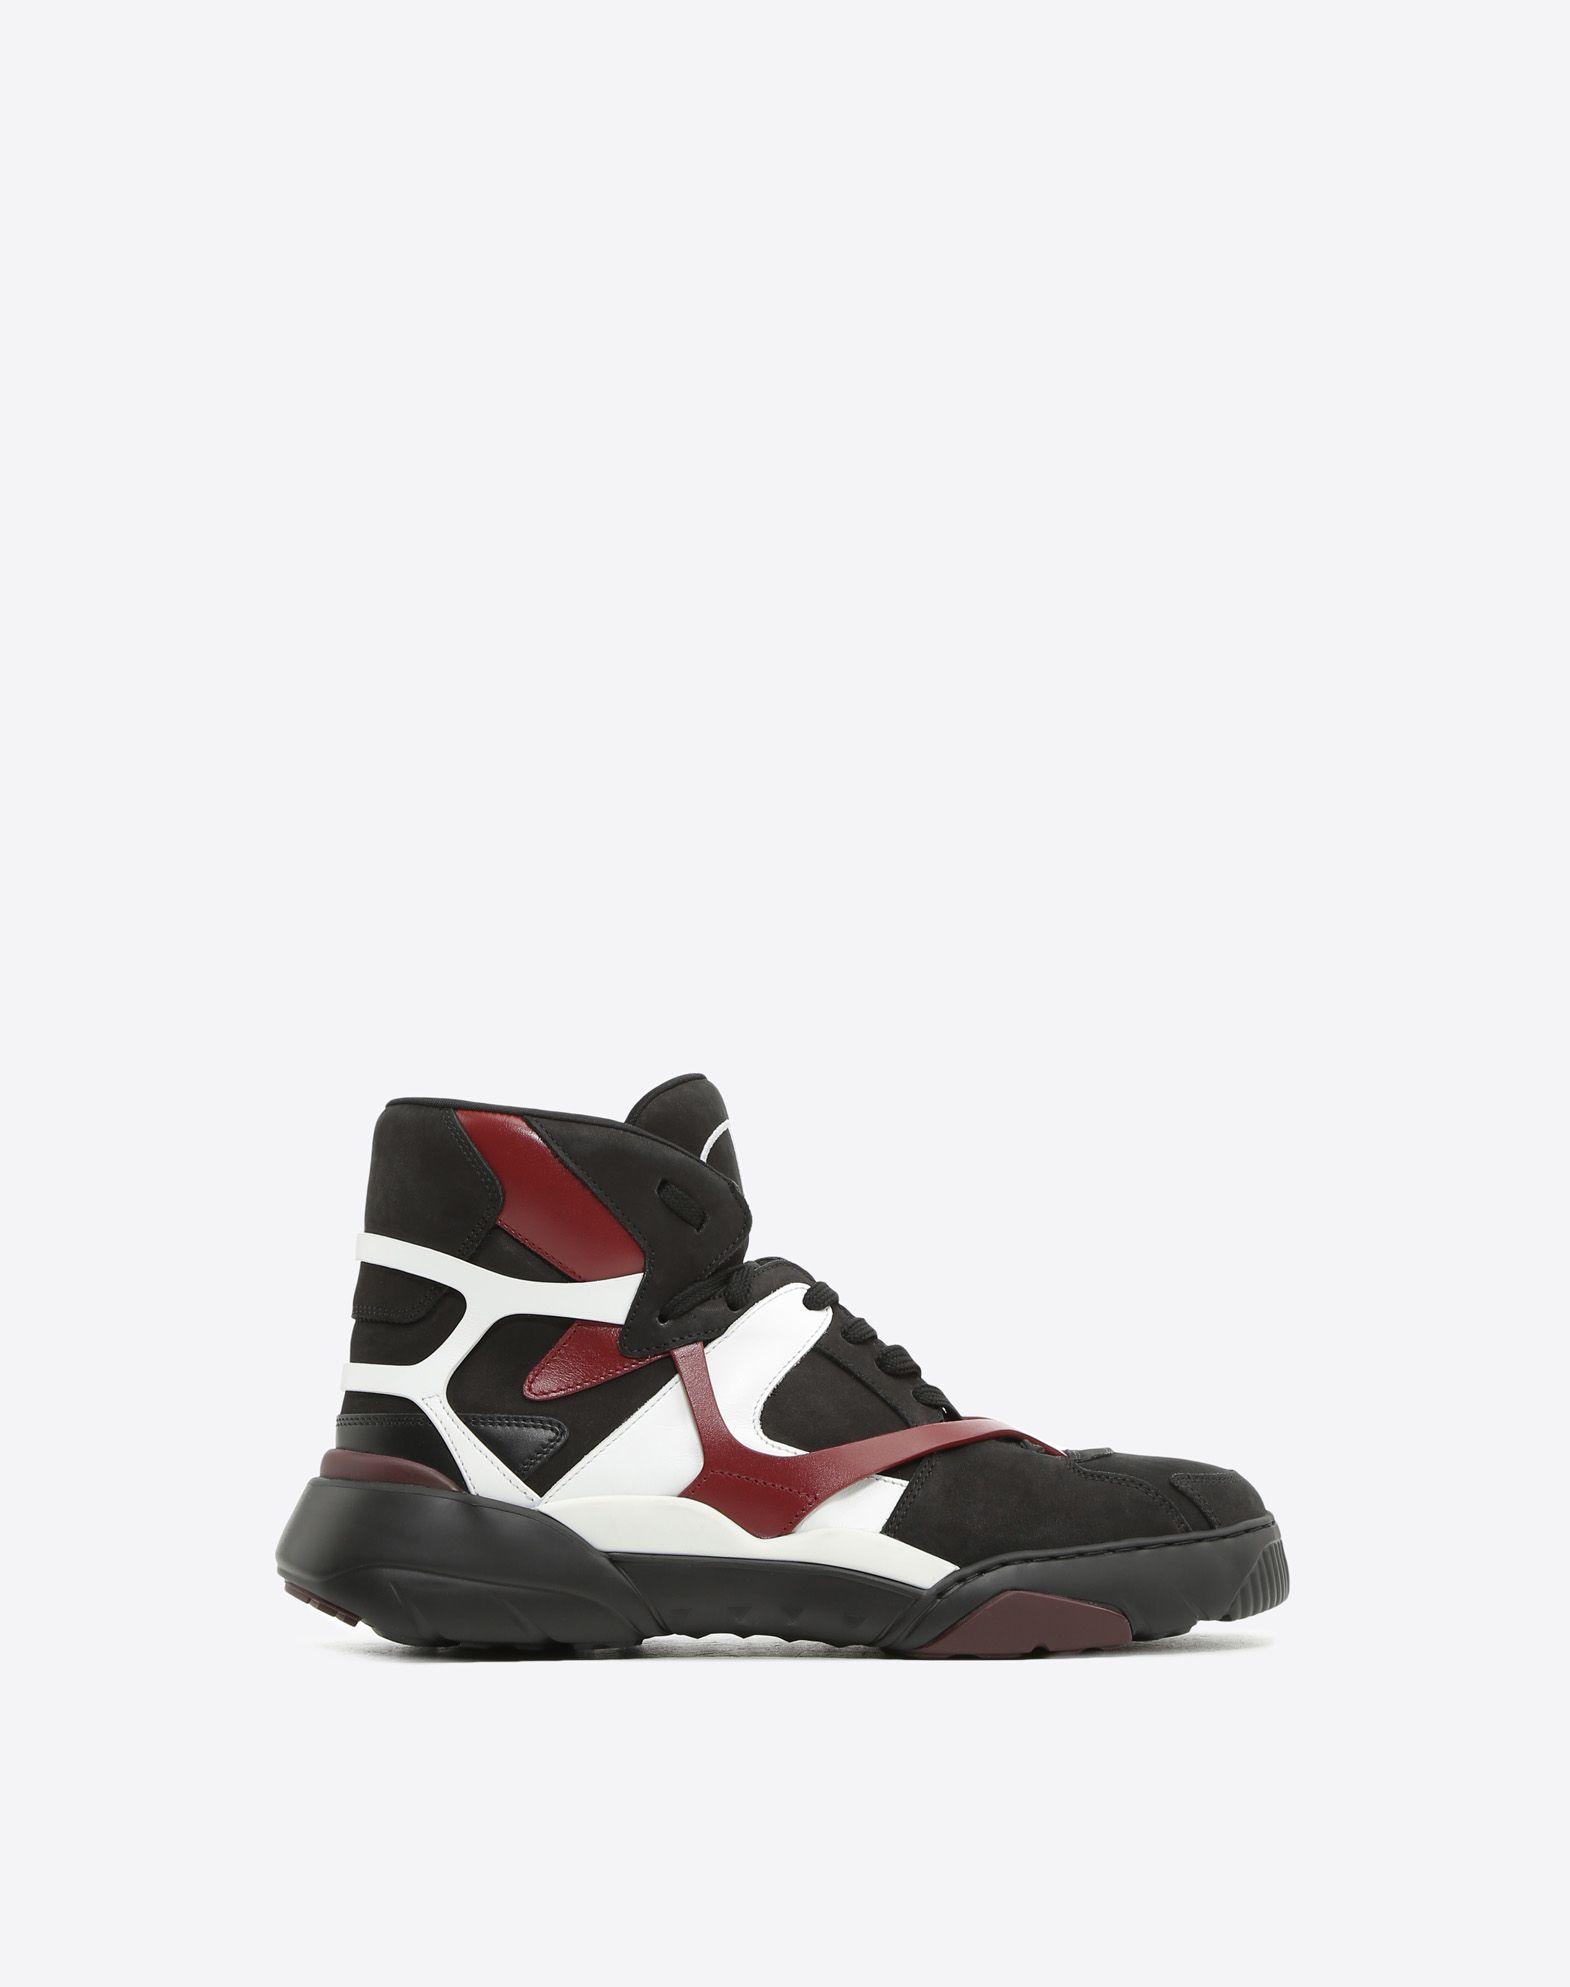 VALENTINO GARAVANI UOMO Made One 运动鞋 高帮运动鞋 U f